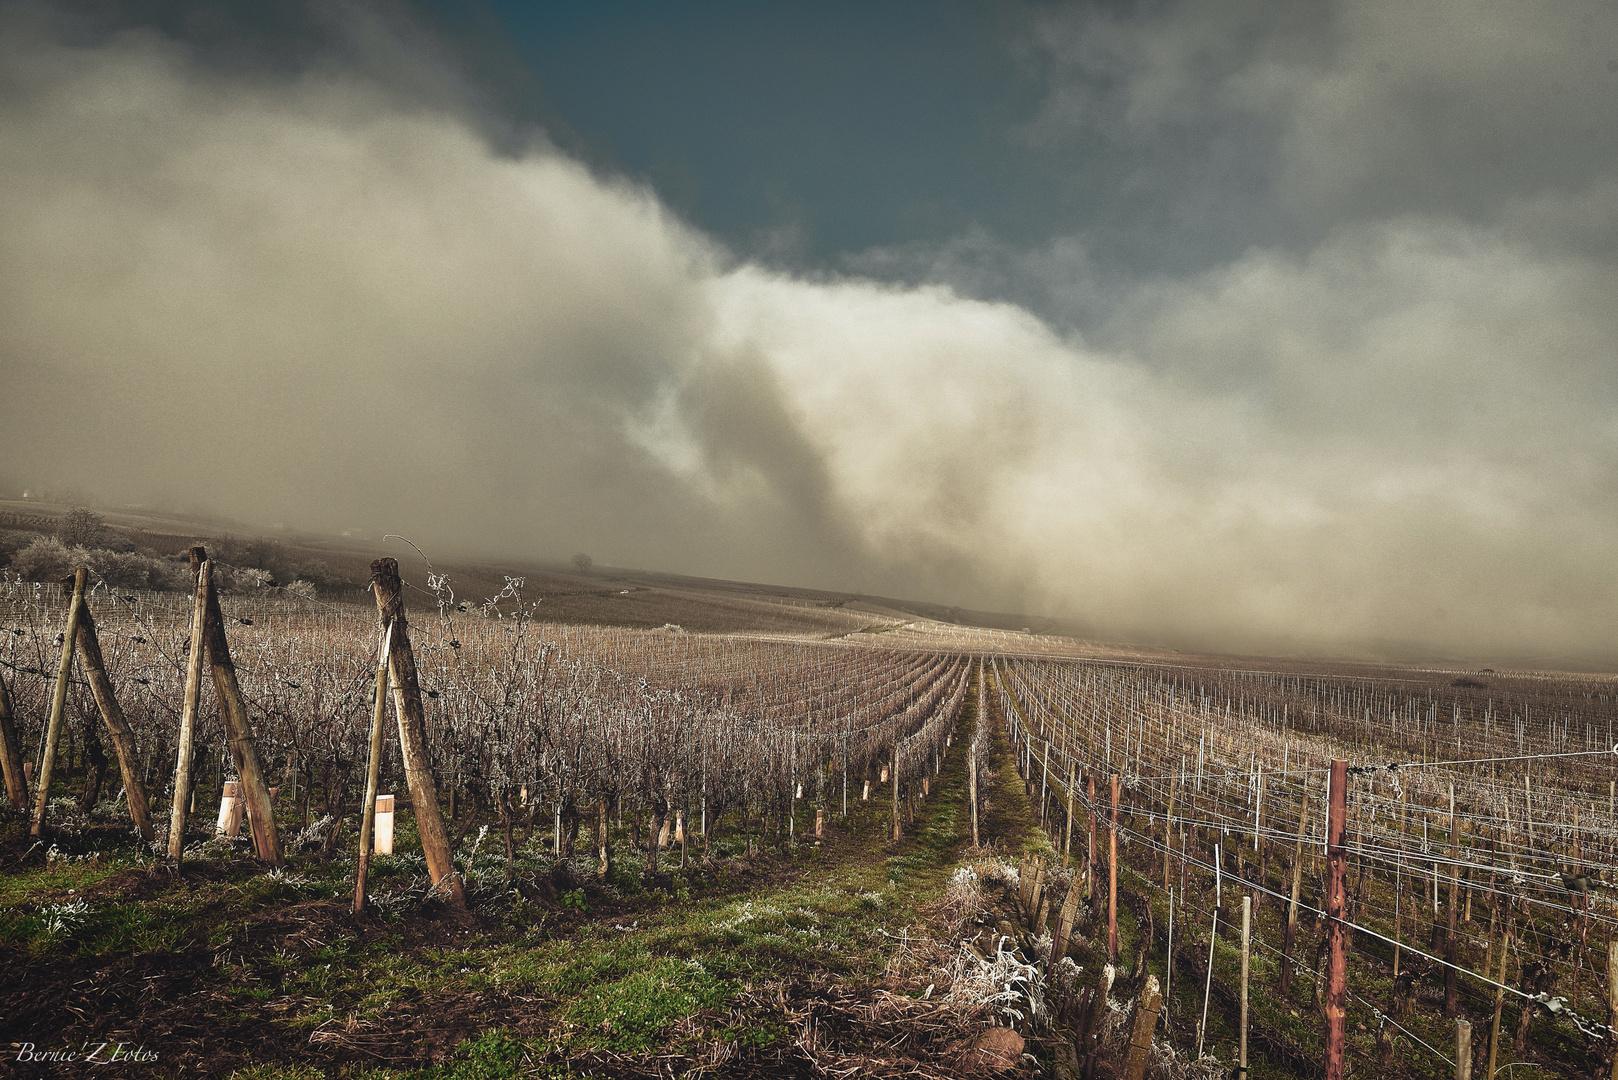 Brouillard sur le vignoble